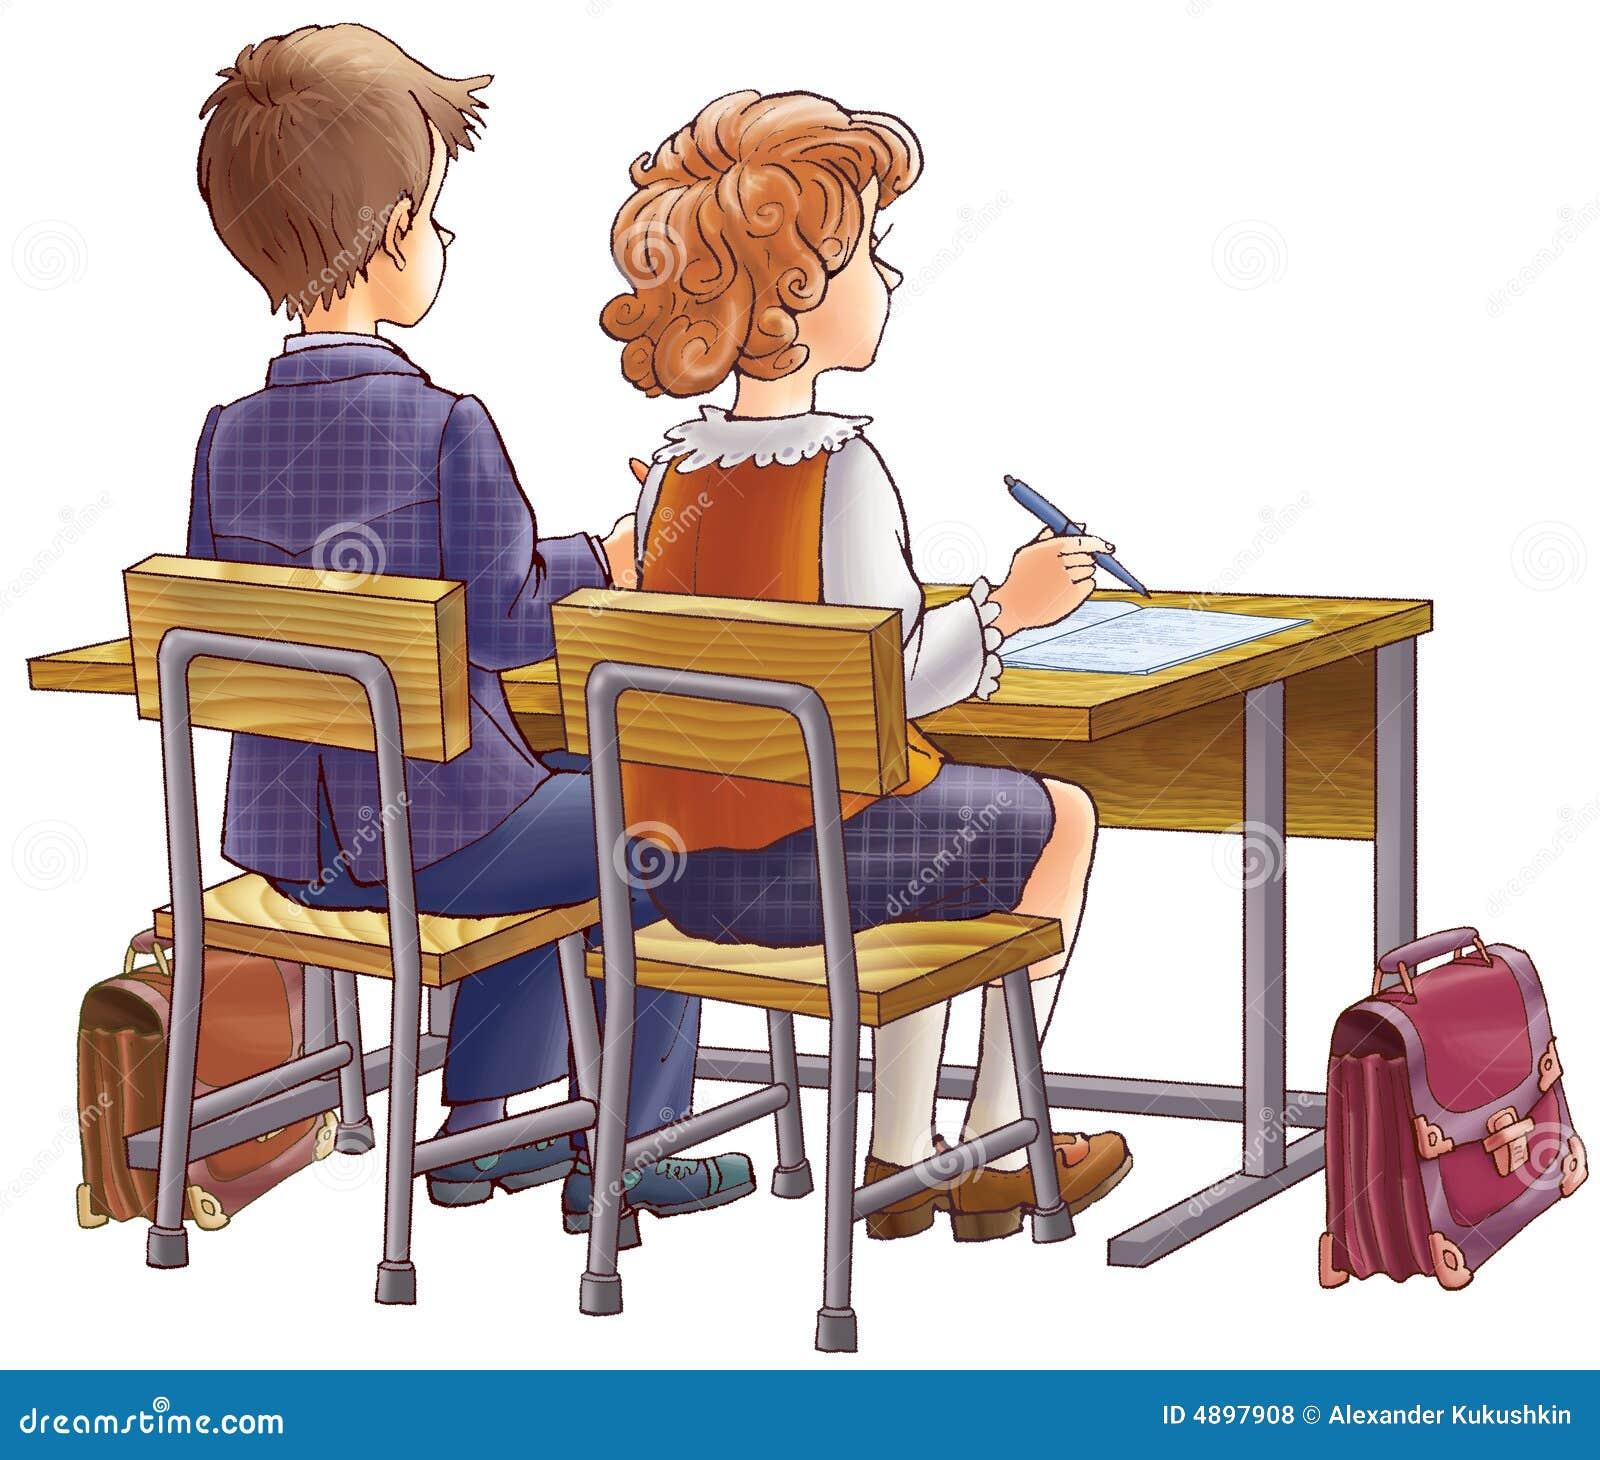 kinderen op school stock illustratie afbeelding bestaande rooster vector art rooster vector download